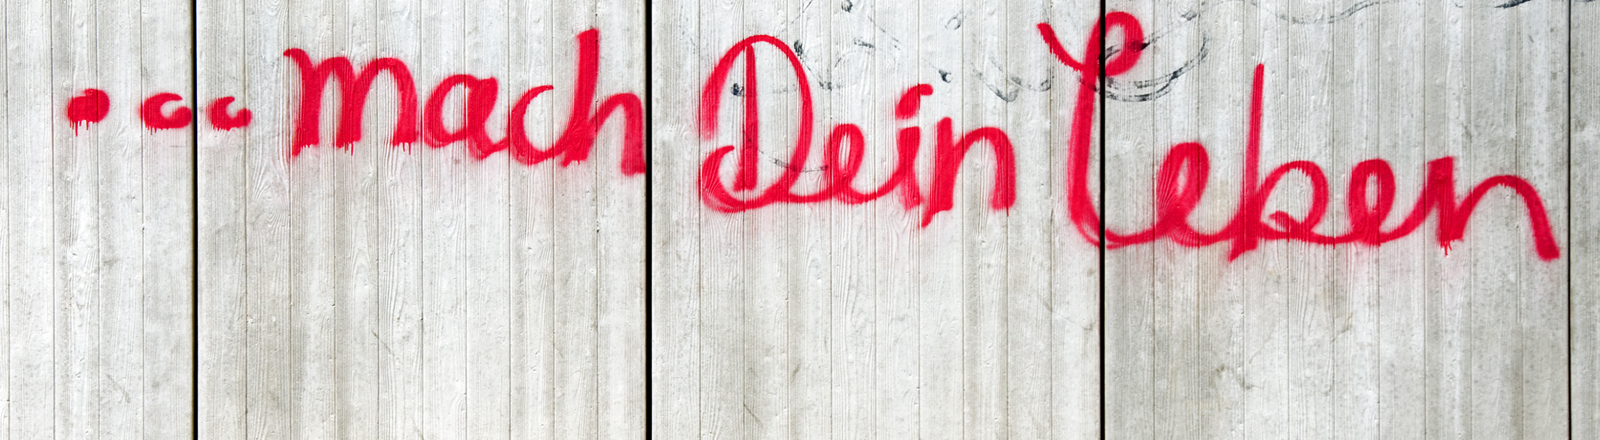 """Auf einer Wand steht """"...mach Dein Leben"""" geschrieben."""